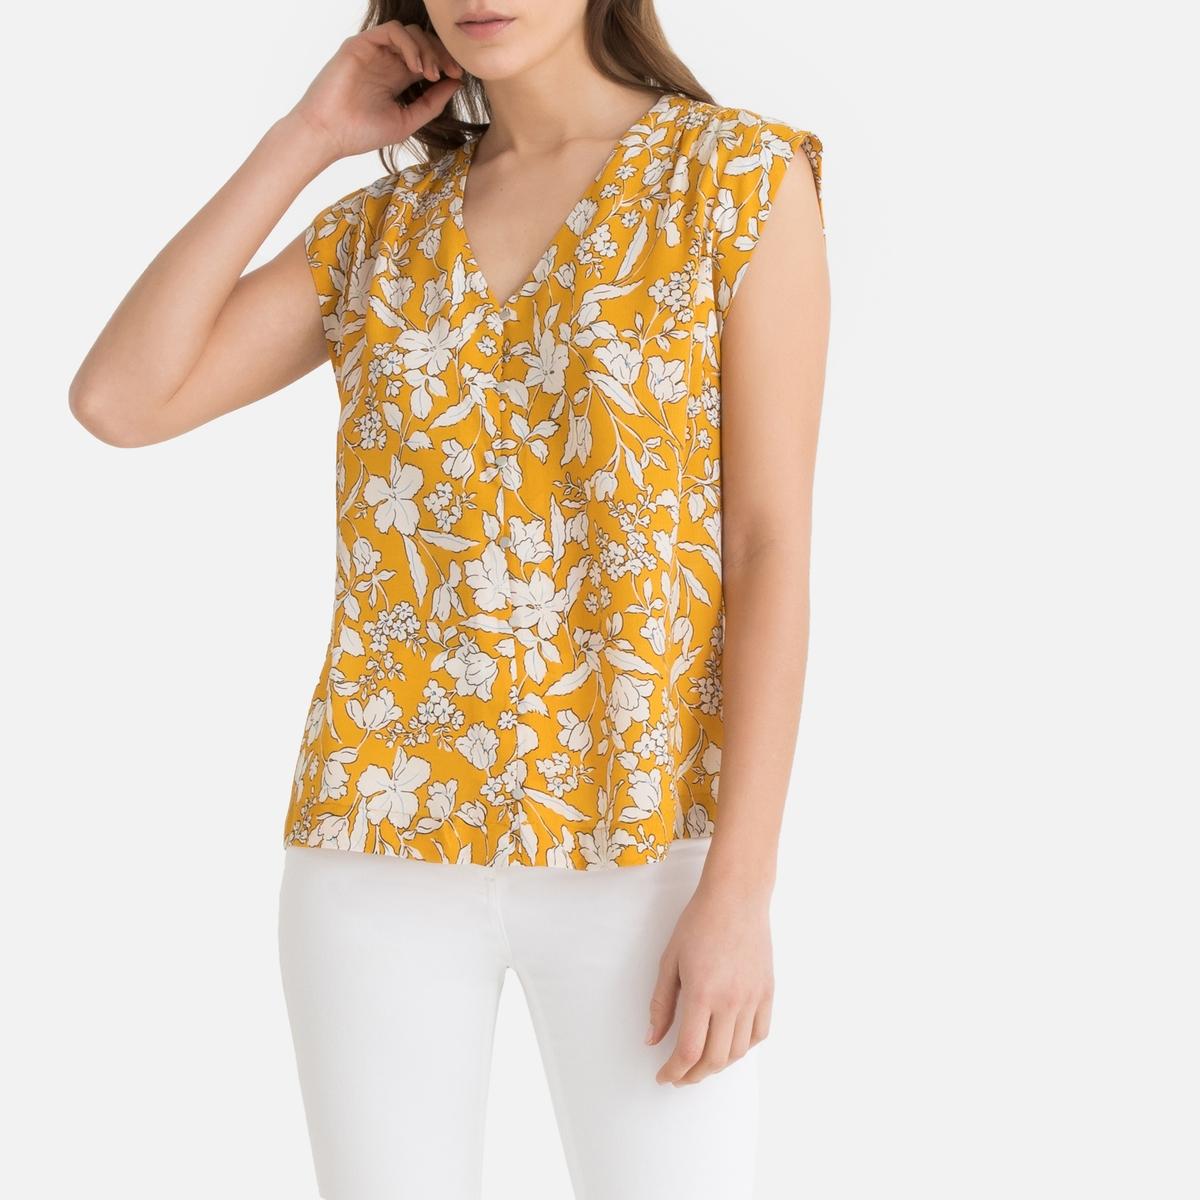 цена Блузка La Redoute С V-образным вырезом и цветочным рисунком без рукавов M желтый онлайн в 2017 году